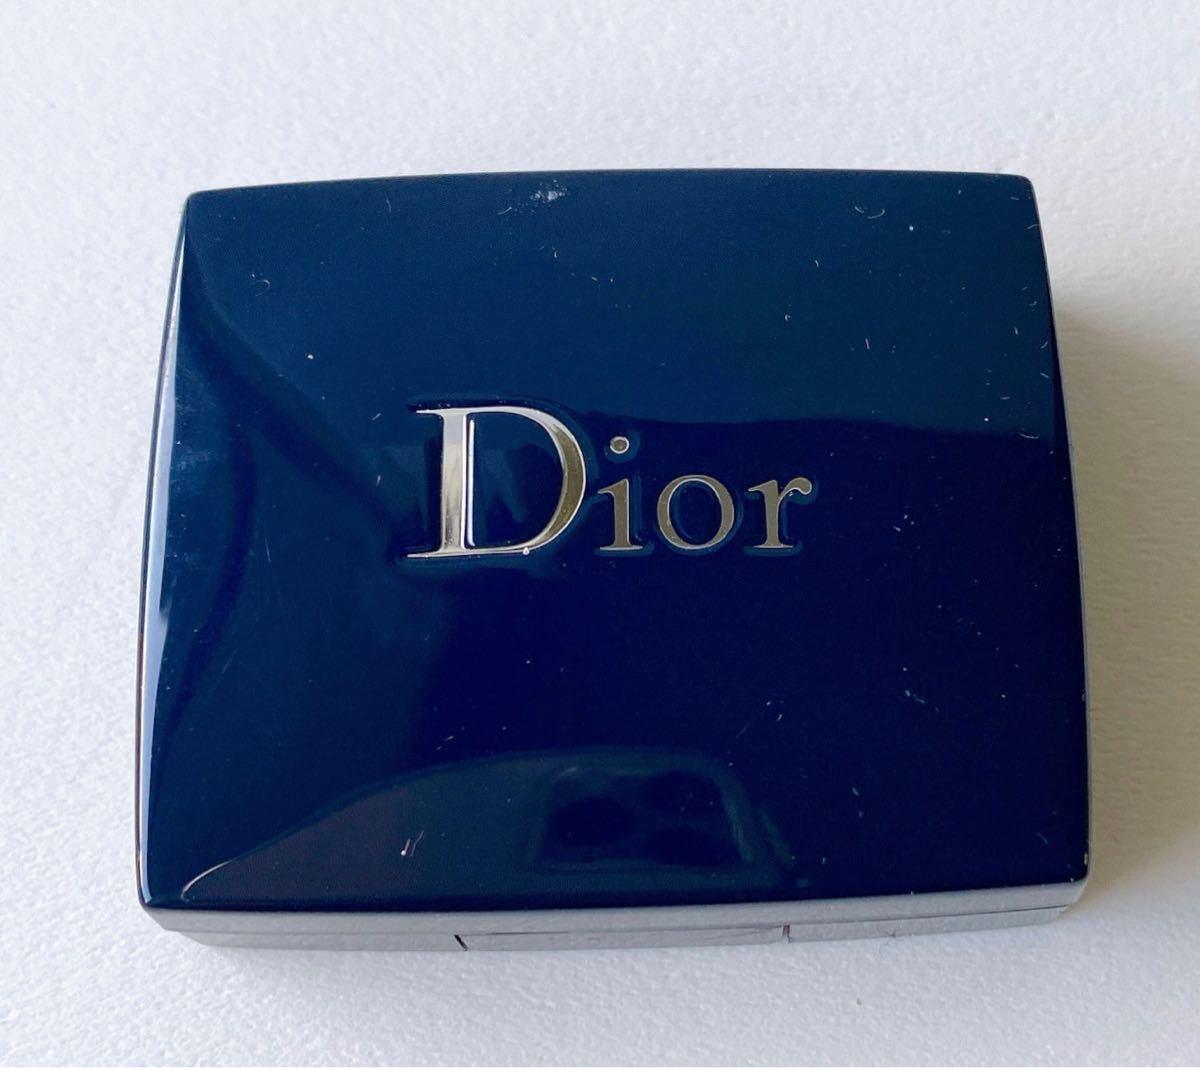 Dior  ディオール サンク クルール イリディセント アイシャドウ デパコス